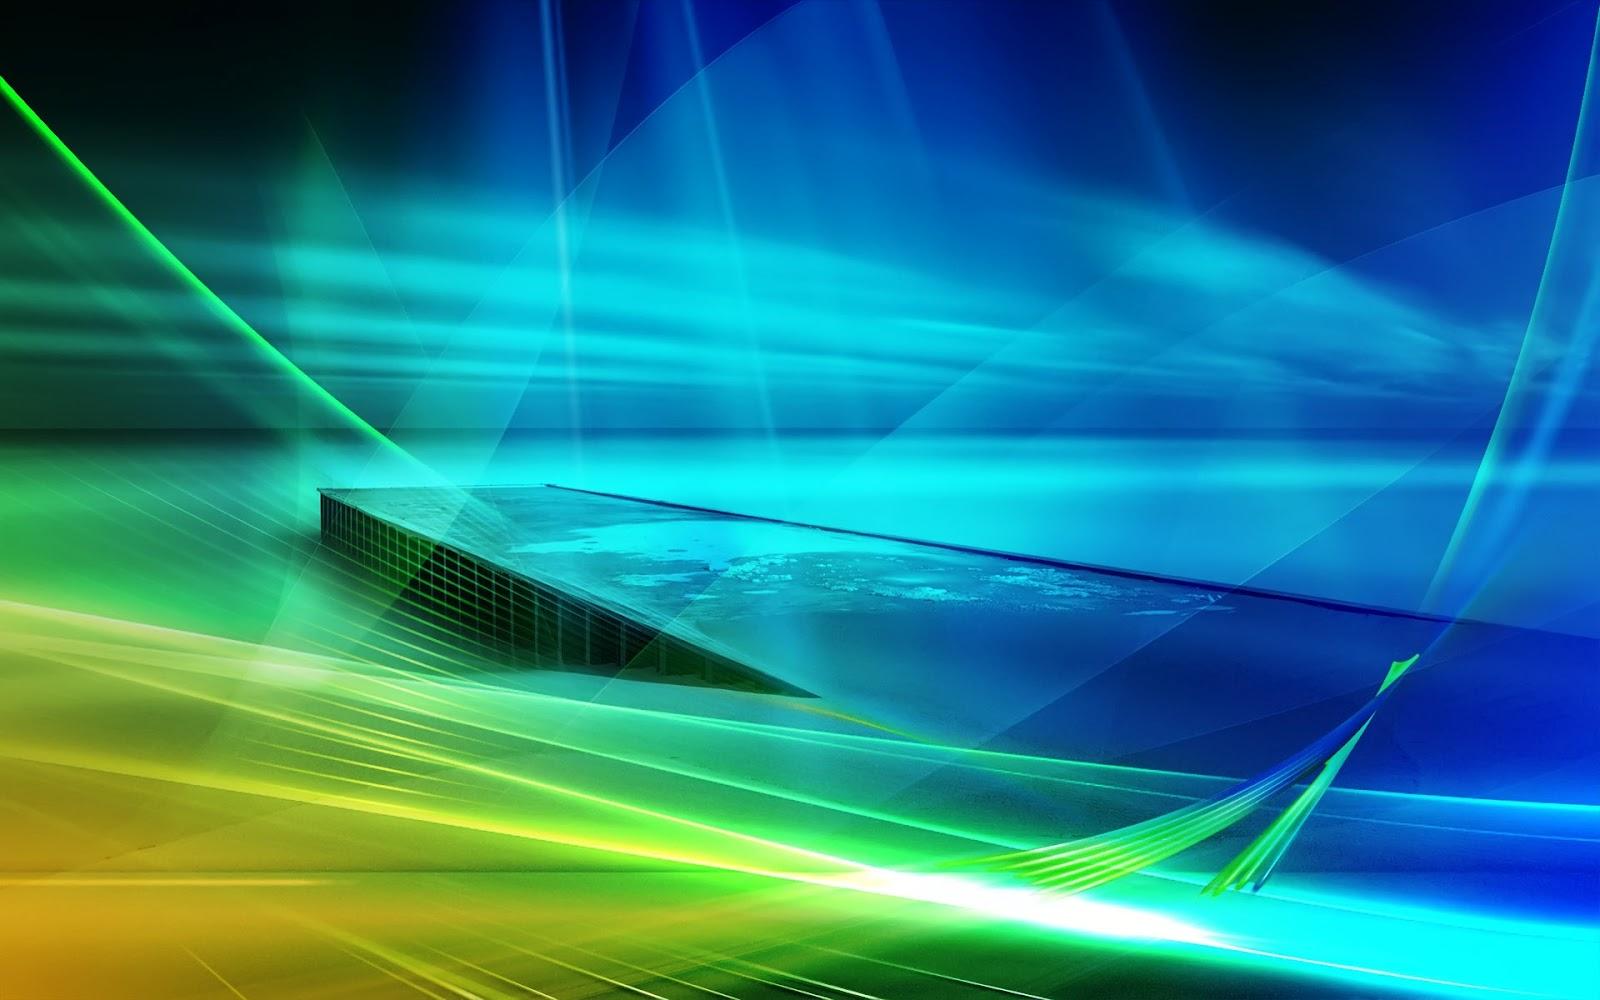 http://1.bp.blogspot.com/-cDyDyMoFFf4/UEW6BLUIMtI/AAAAAAAAA8M/Egmg2eM_FCs/s1600/Vista+Wallpaper++2012-2013+05.jpg